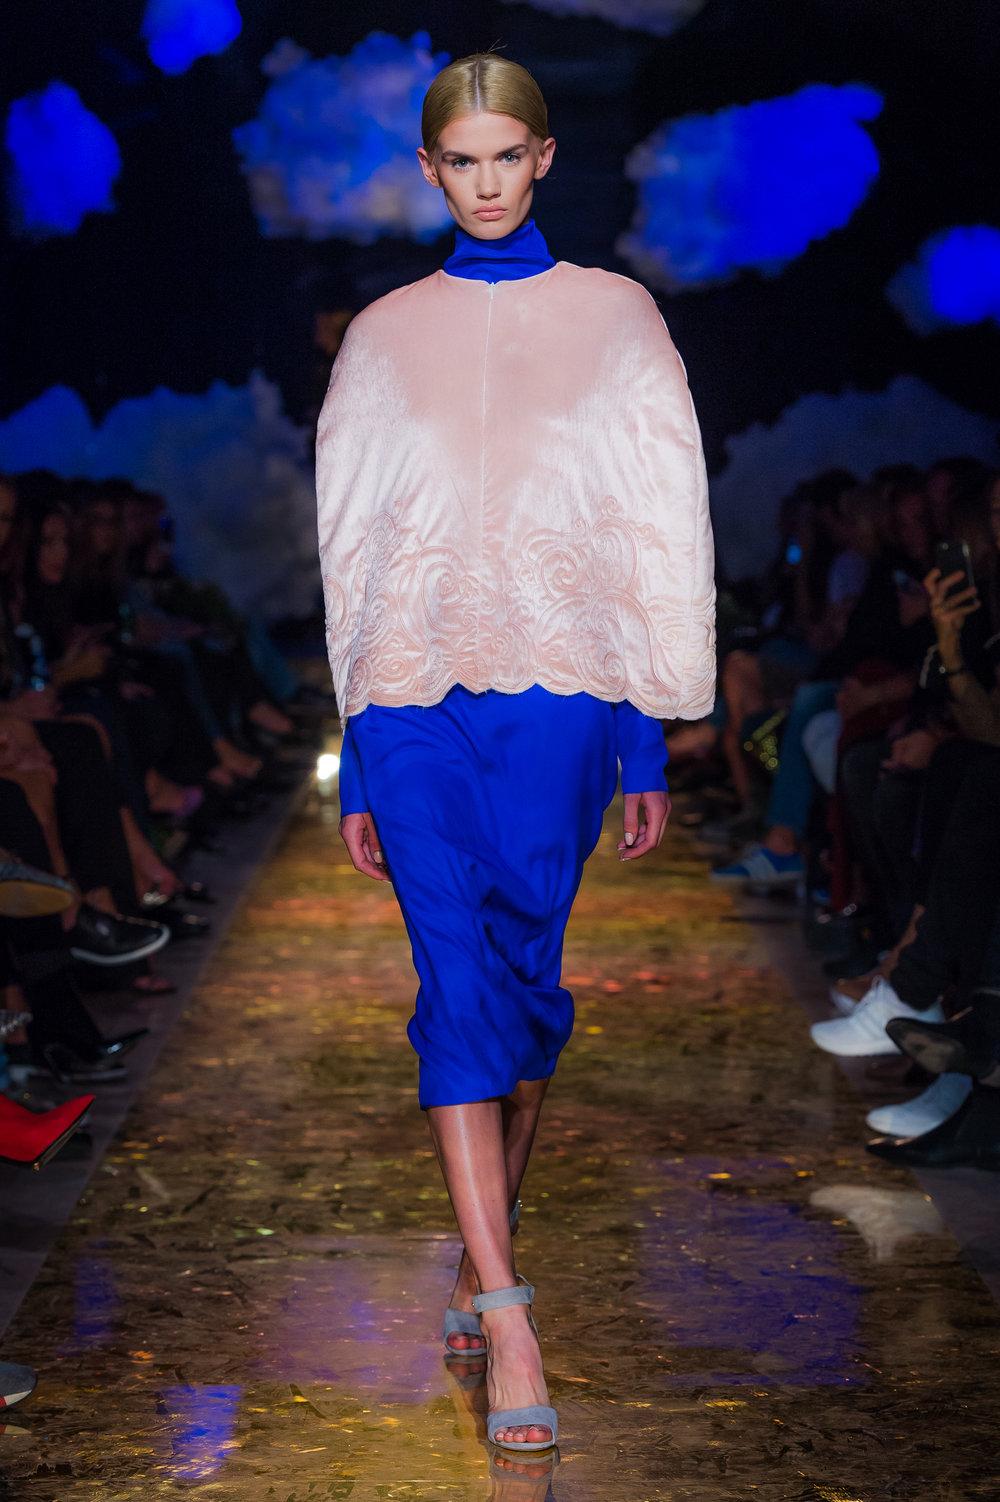 16_MaciejZien_190916_press_fot_Filip_Okopny_Fashion_Images.JPG